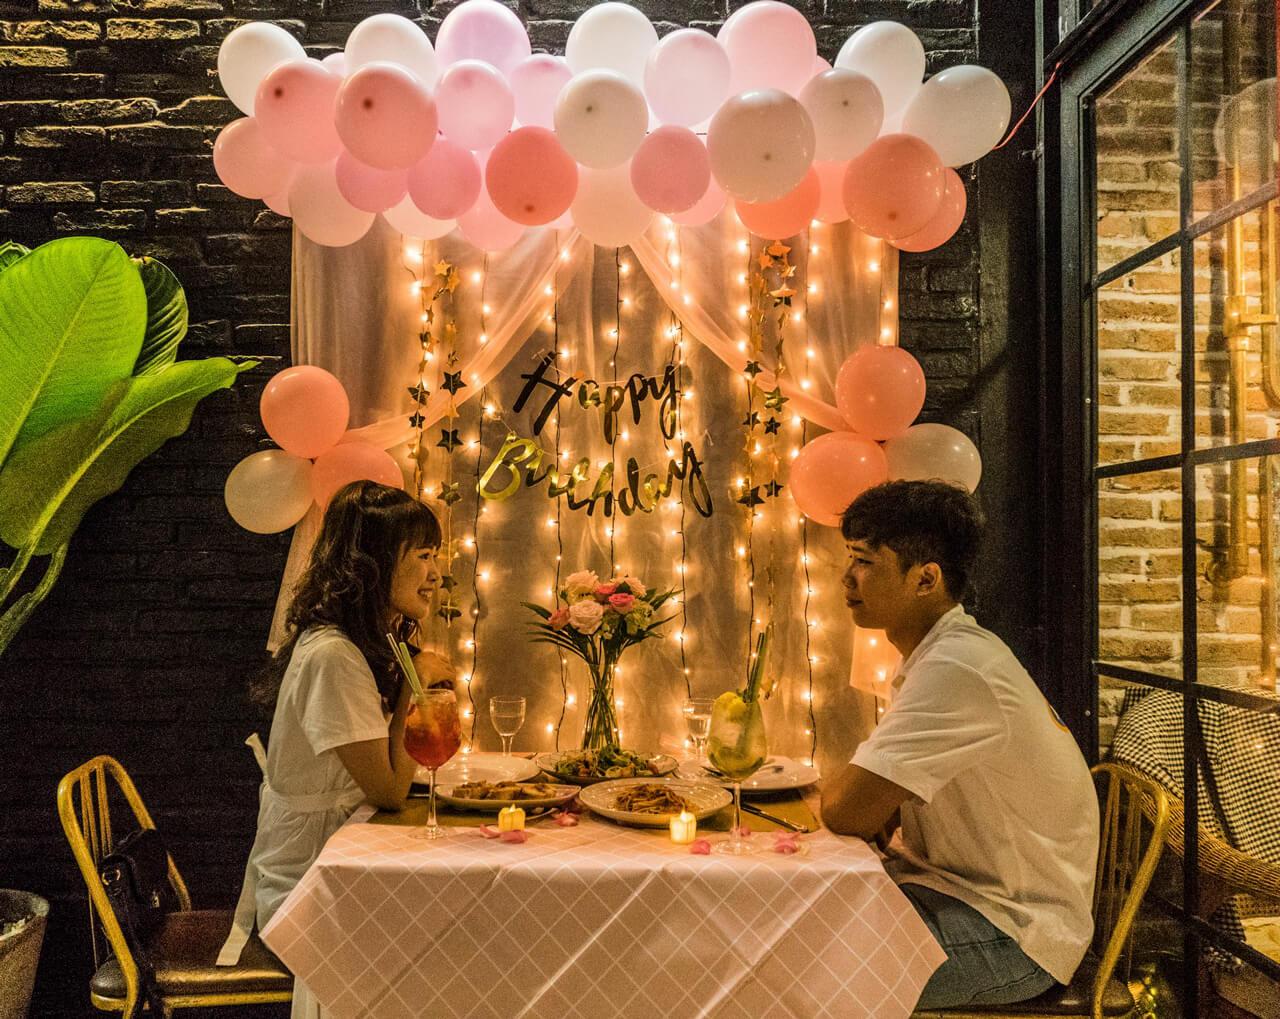 Trang trí concept sinh nhật dành cho cặp đôi ở Ma Famille Cafeteria